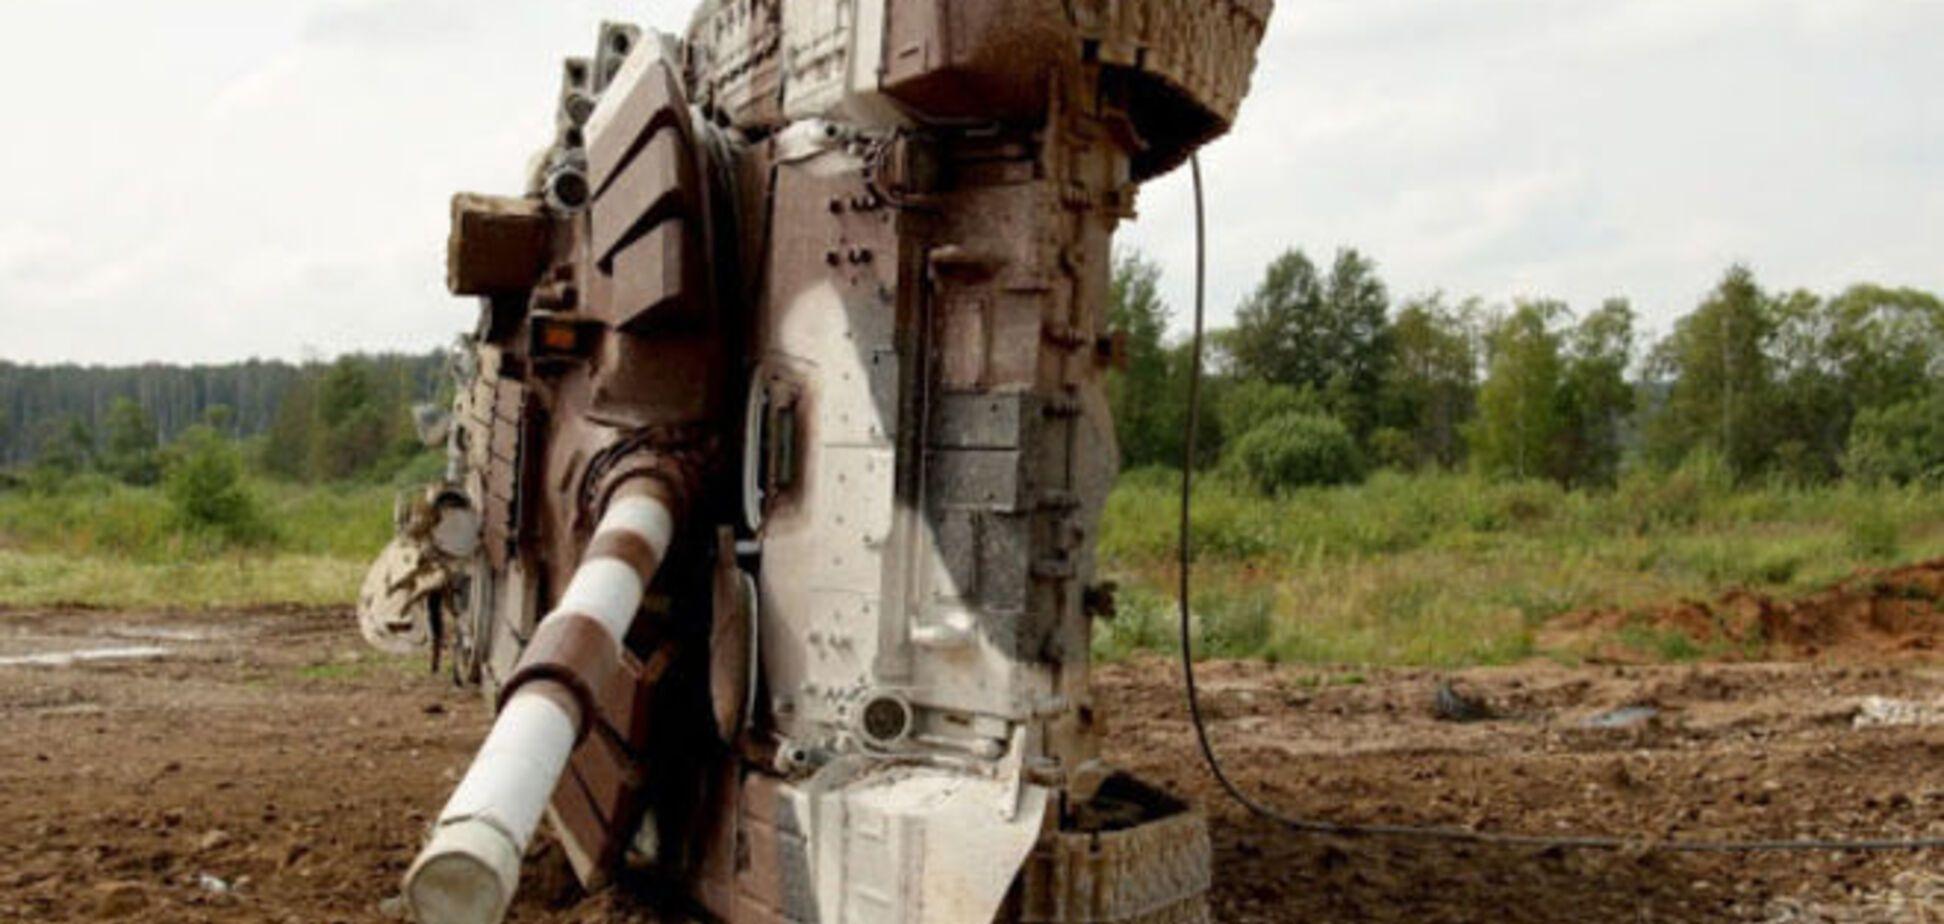 Танковый биатлон в России: один танк захлебнулся, другой перевернулся. Опубликовано видео